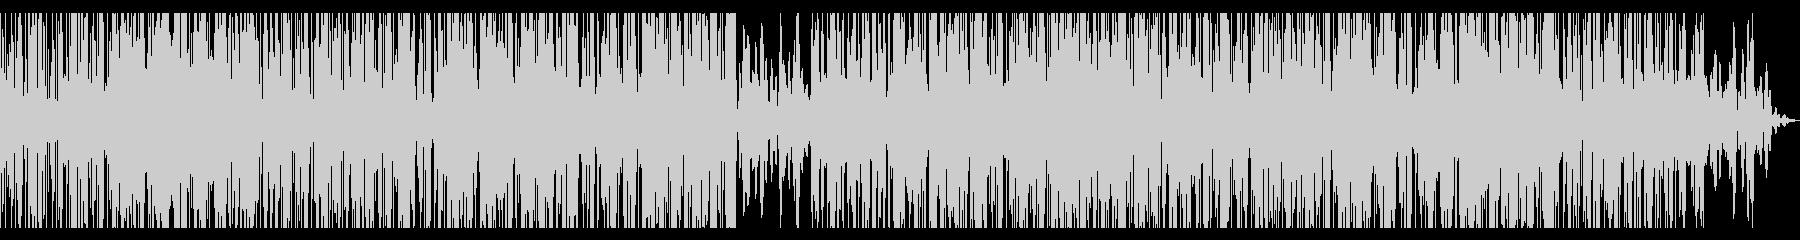 ローファイなHIPHOPサウンドの未再生の波形